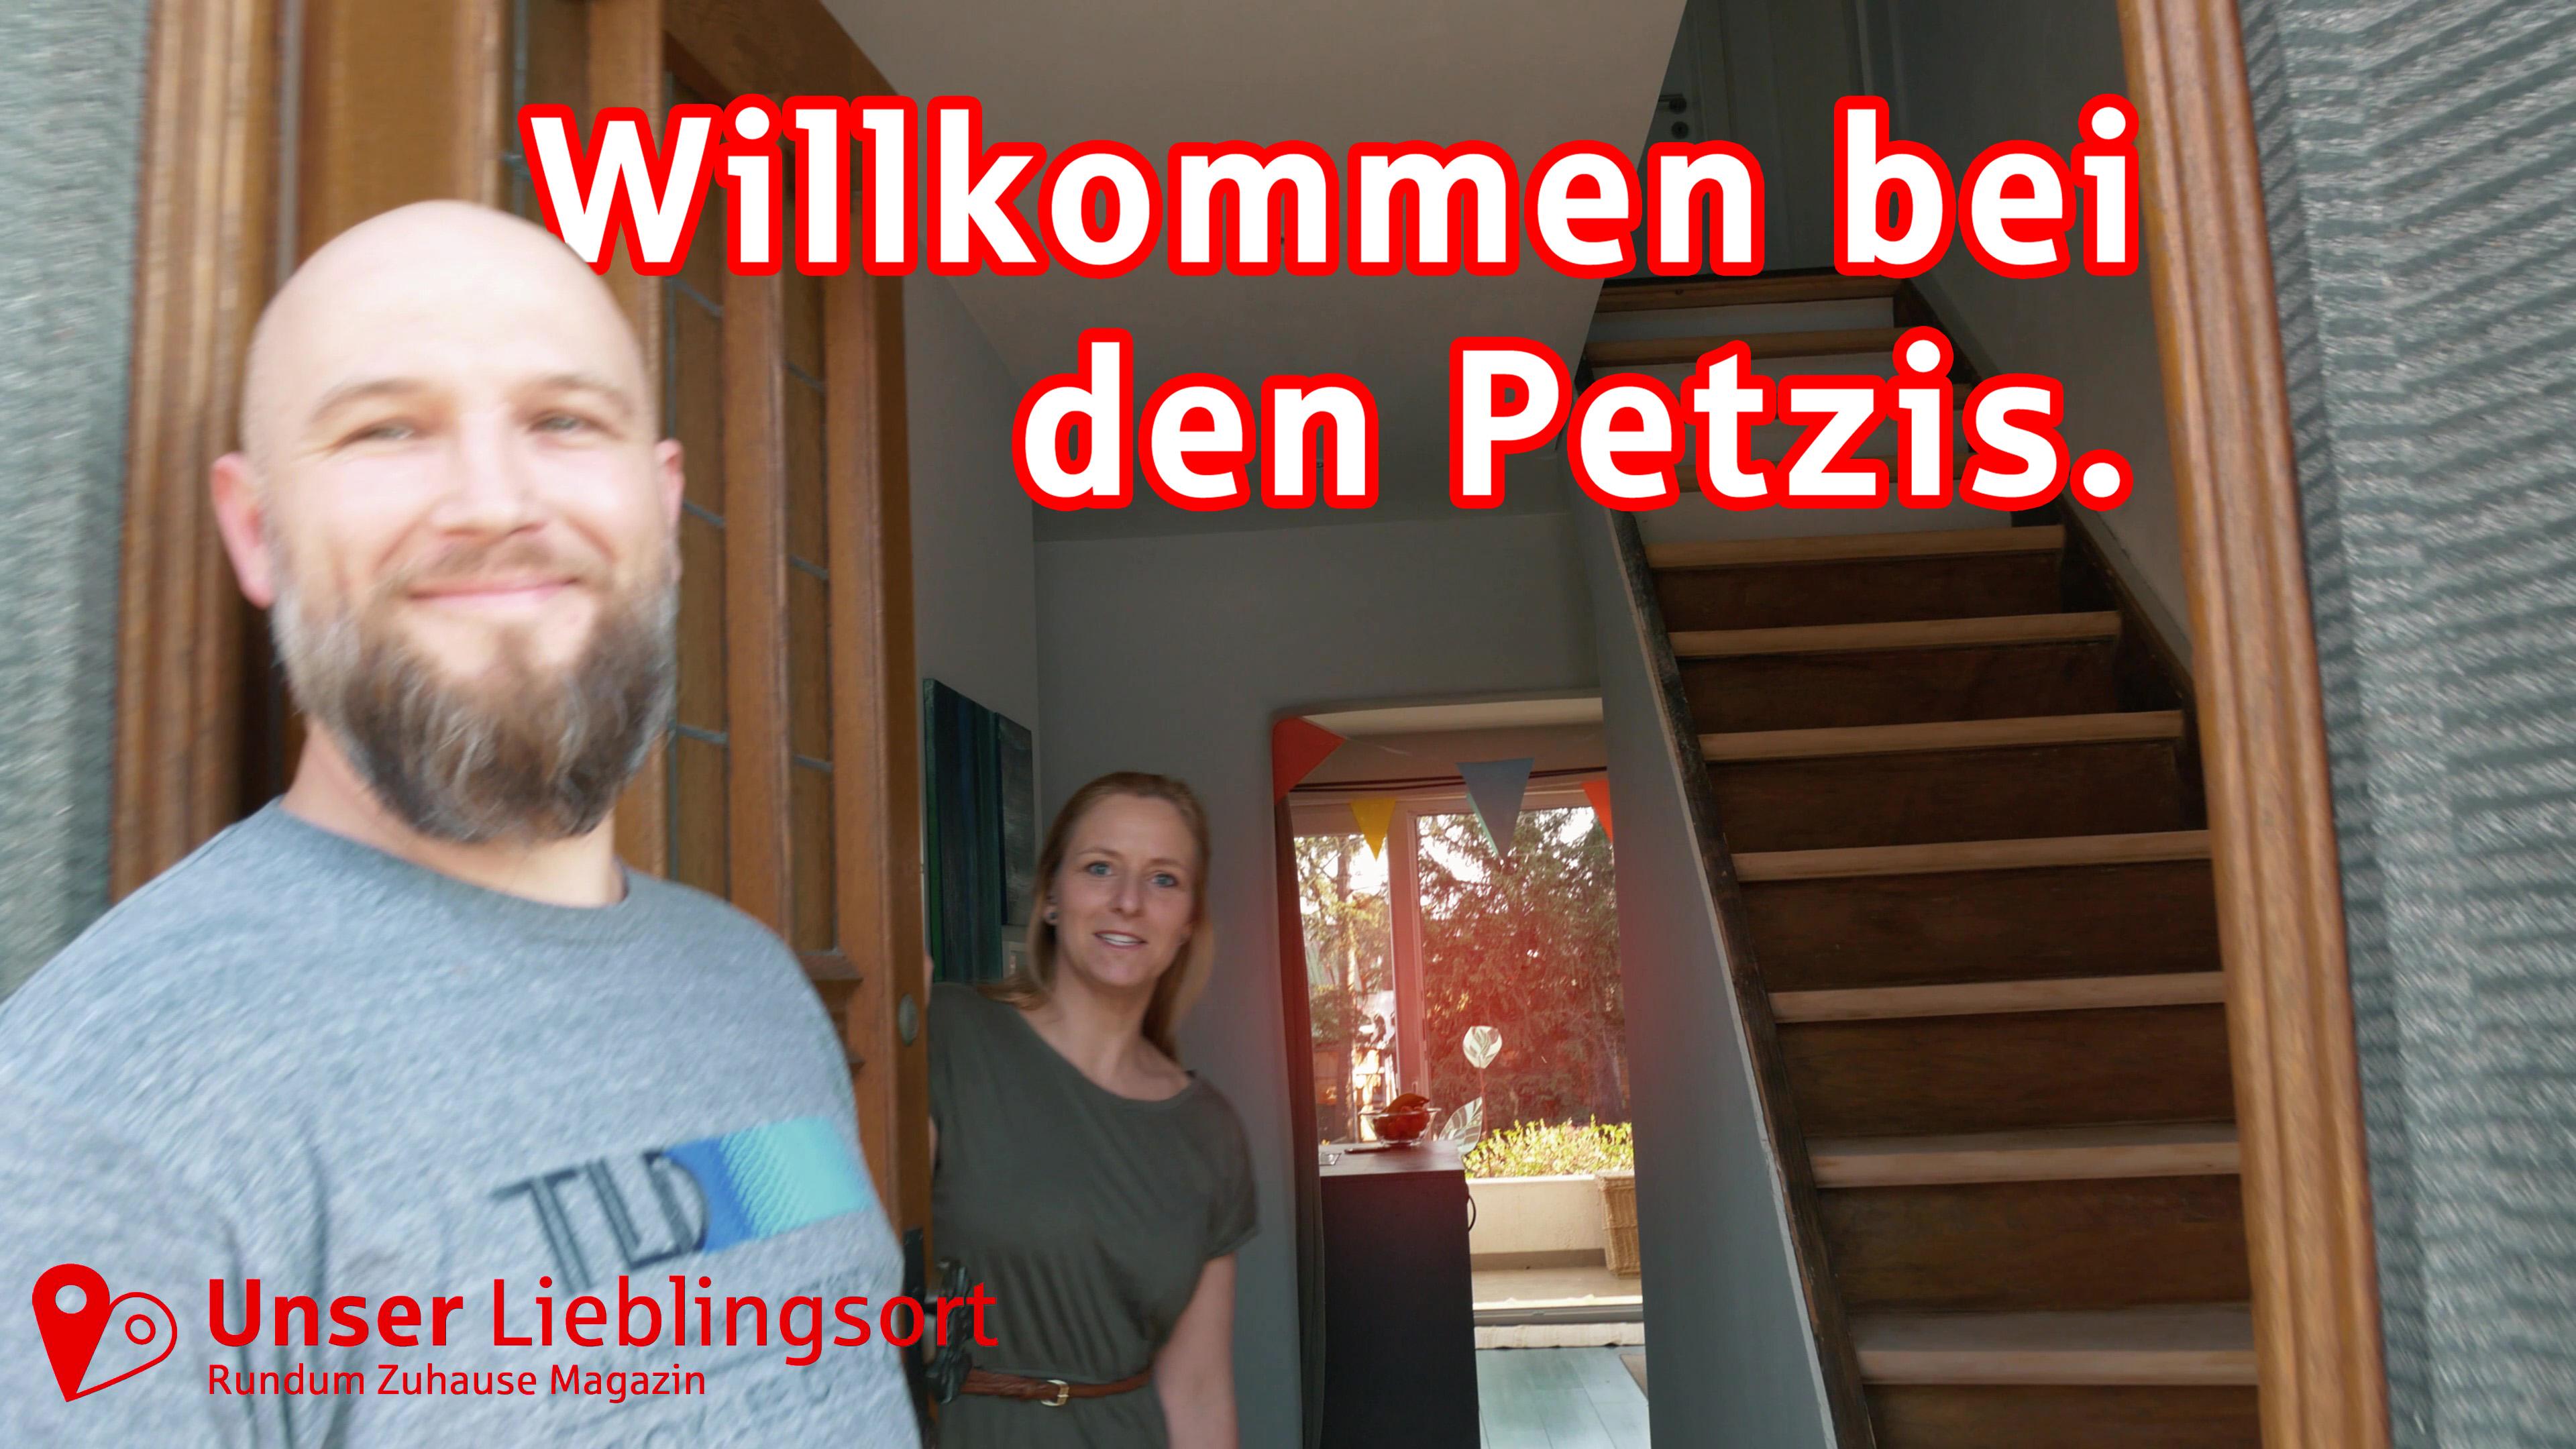 Familie Petzi: Folge 1 - Willkommen bei den Petzis